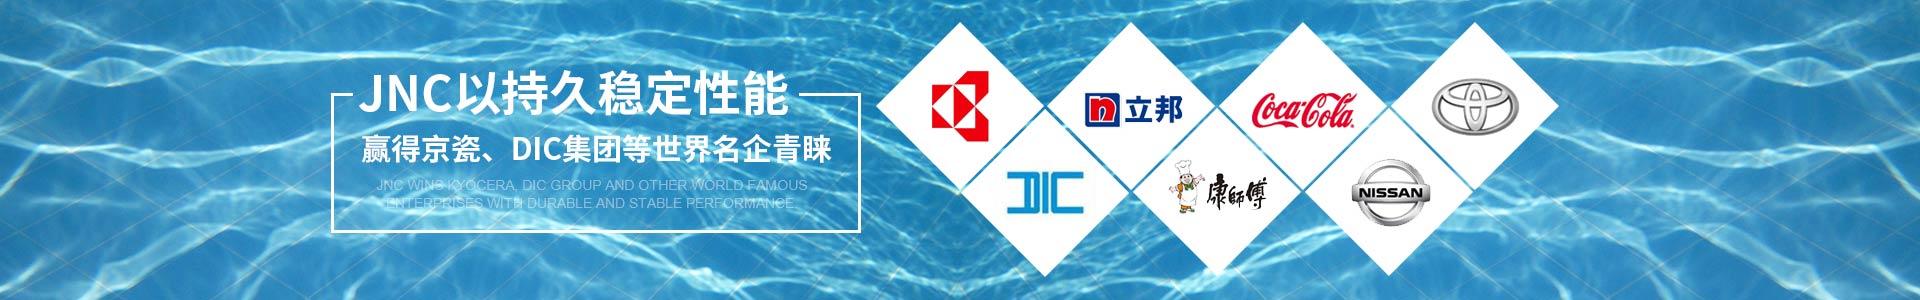 齐腾净化过滤产品以持久稳定性能赢得京瓷、DIC集团等世界名企青睐